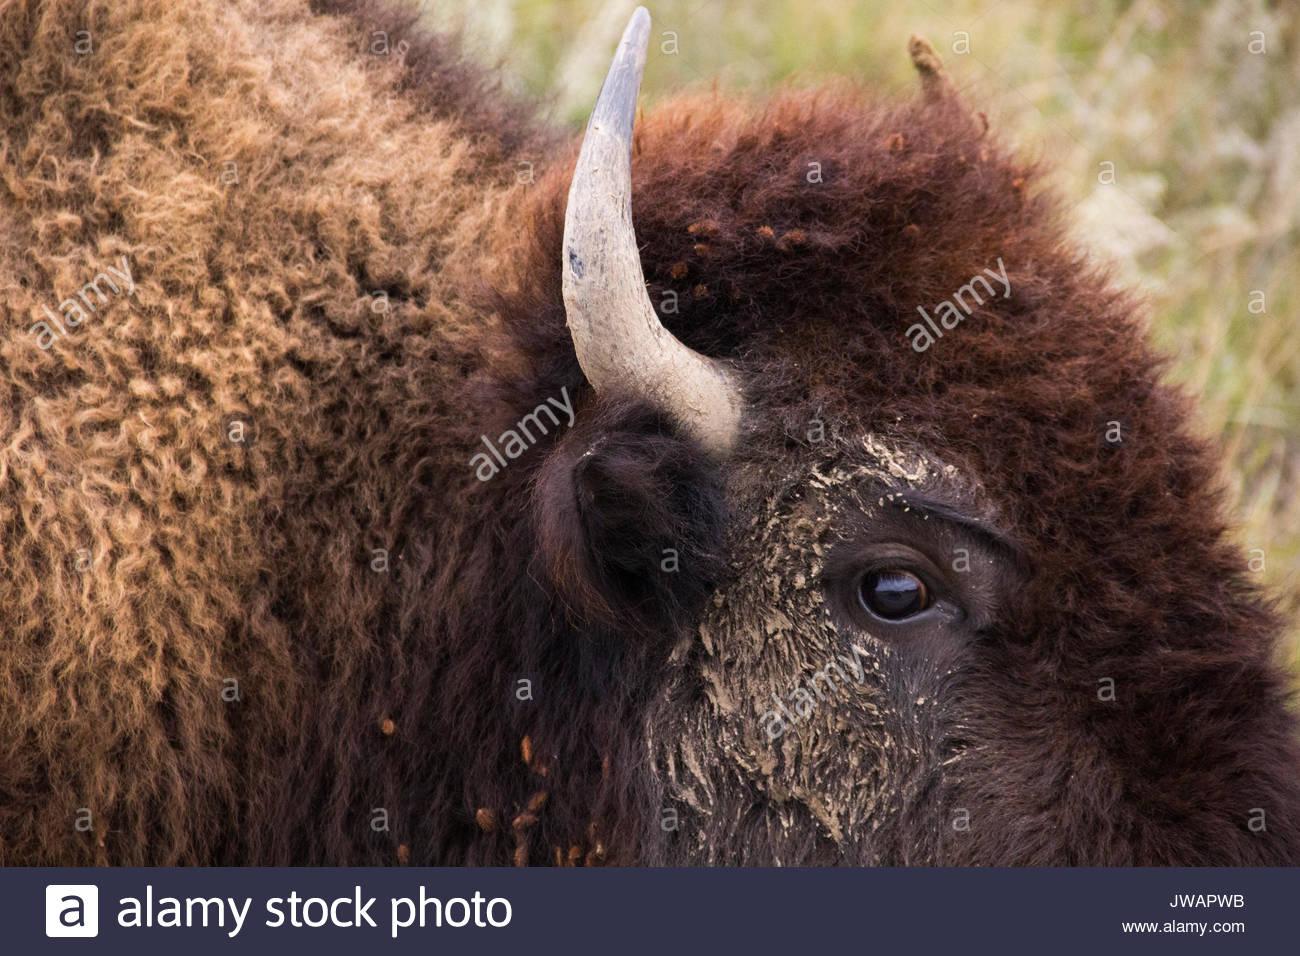 Voir de très près de l'œil et de la corne d'un bison d'Amérique. Photo Stock